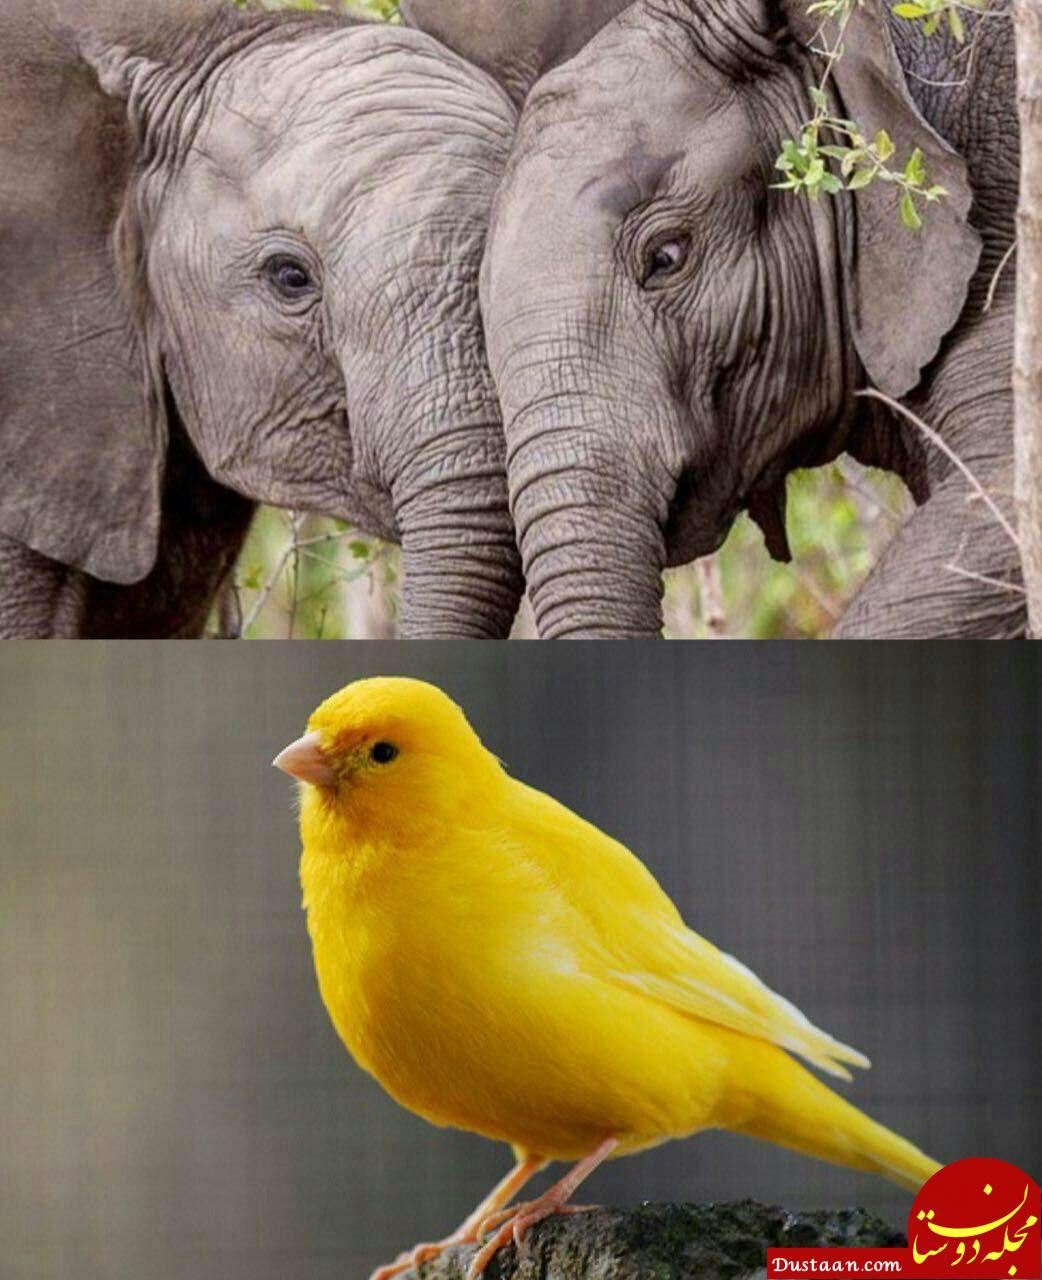 کدام حیوان بیشتر ضربان قلب دارد